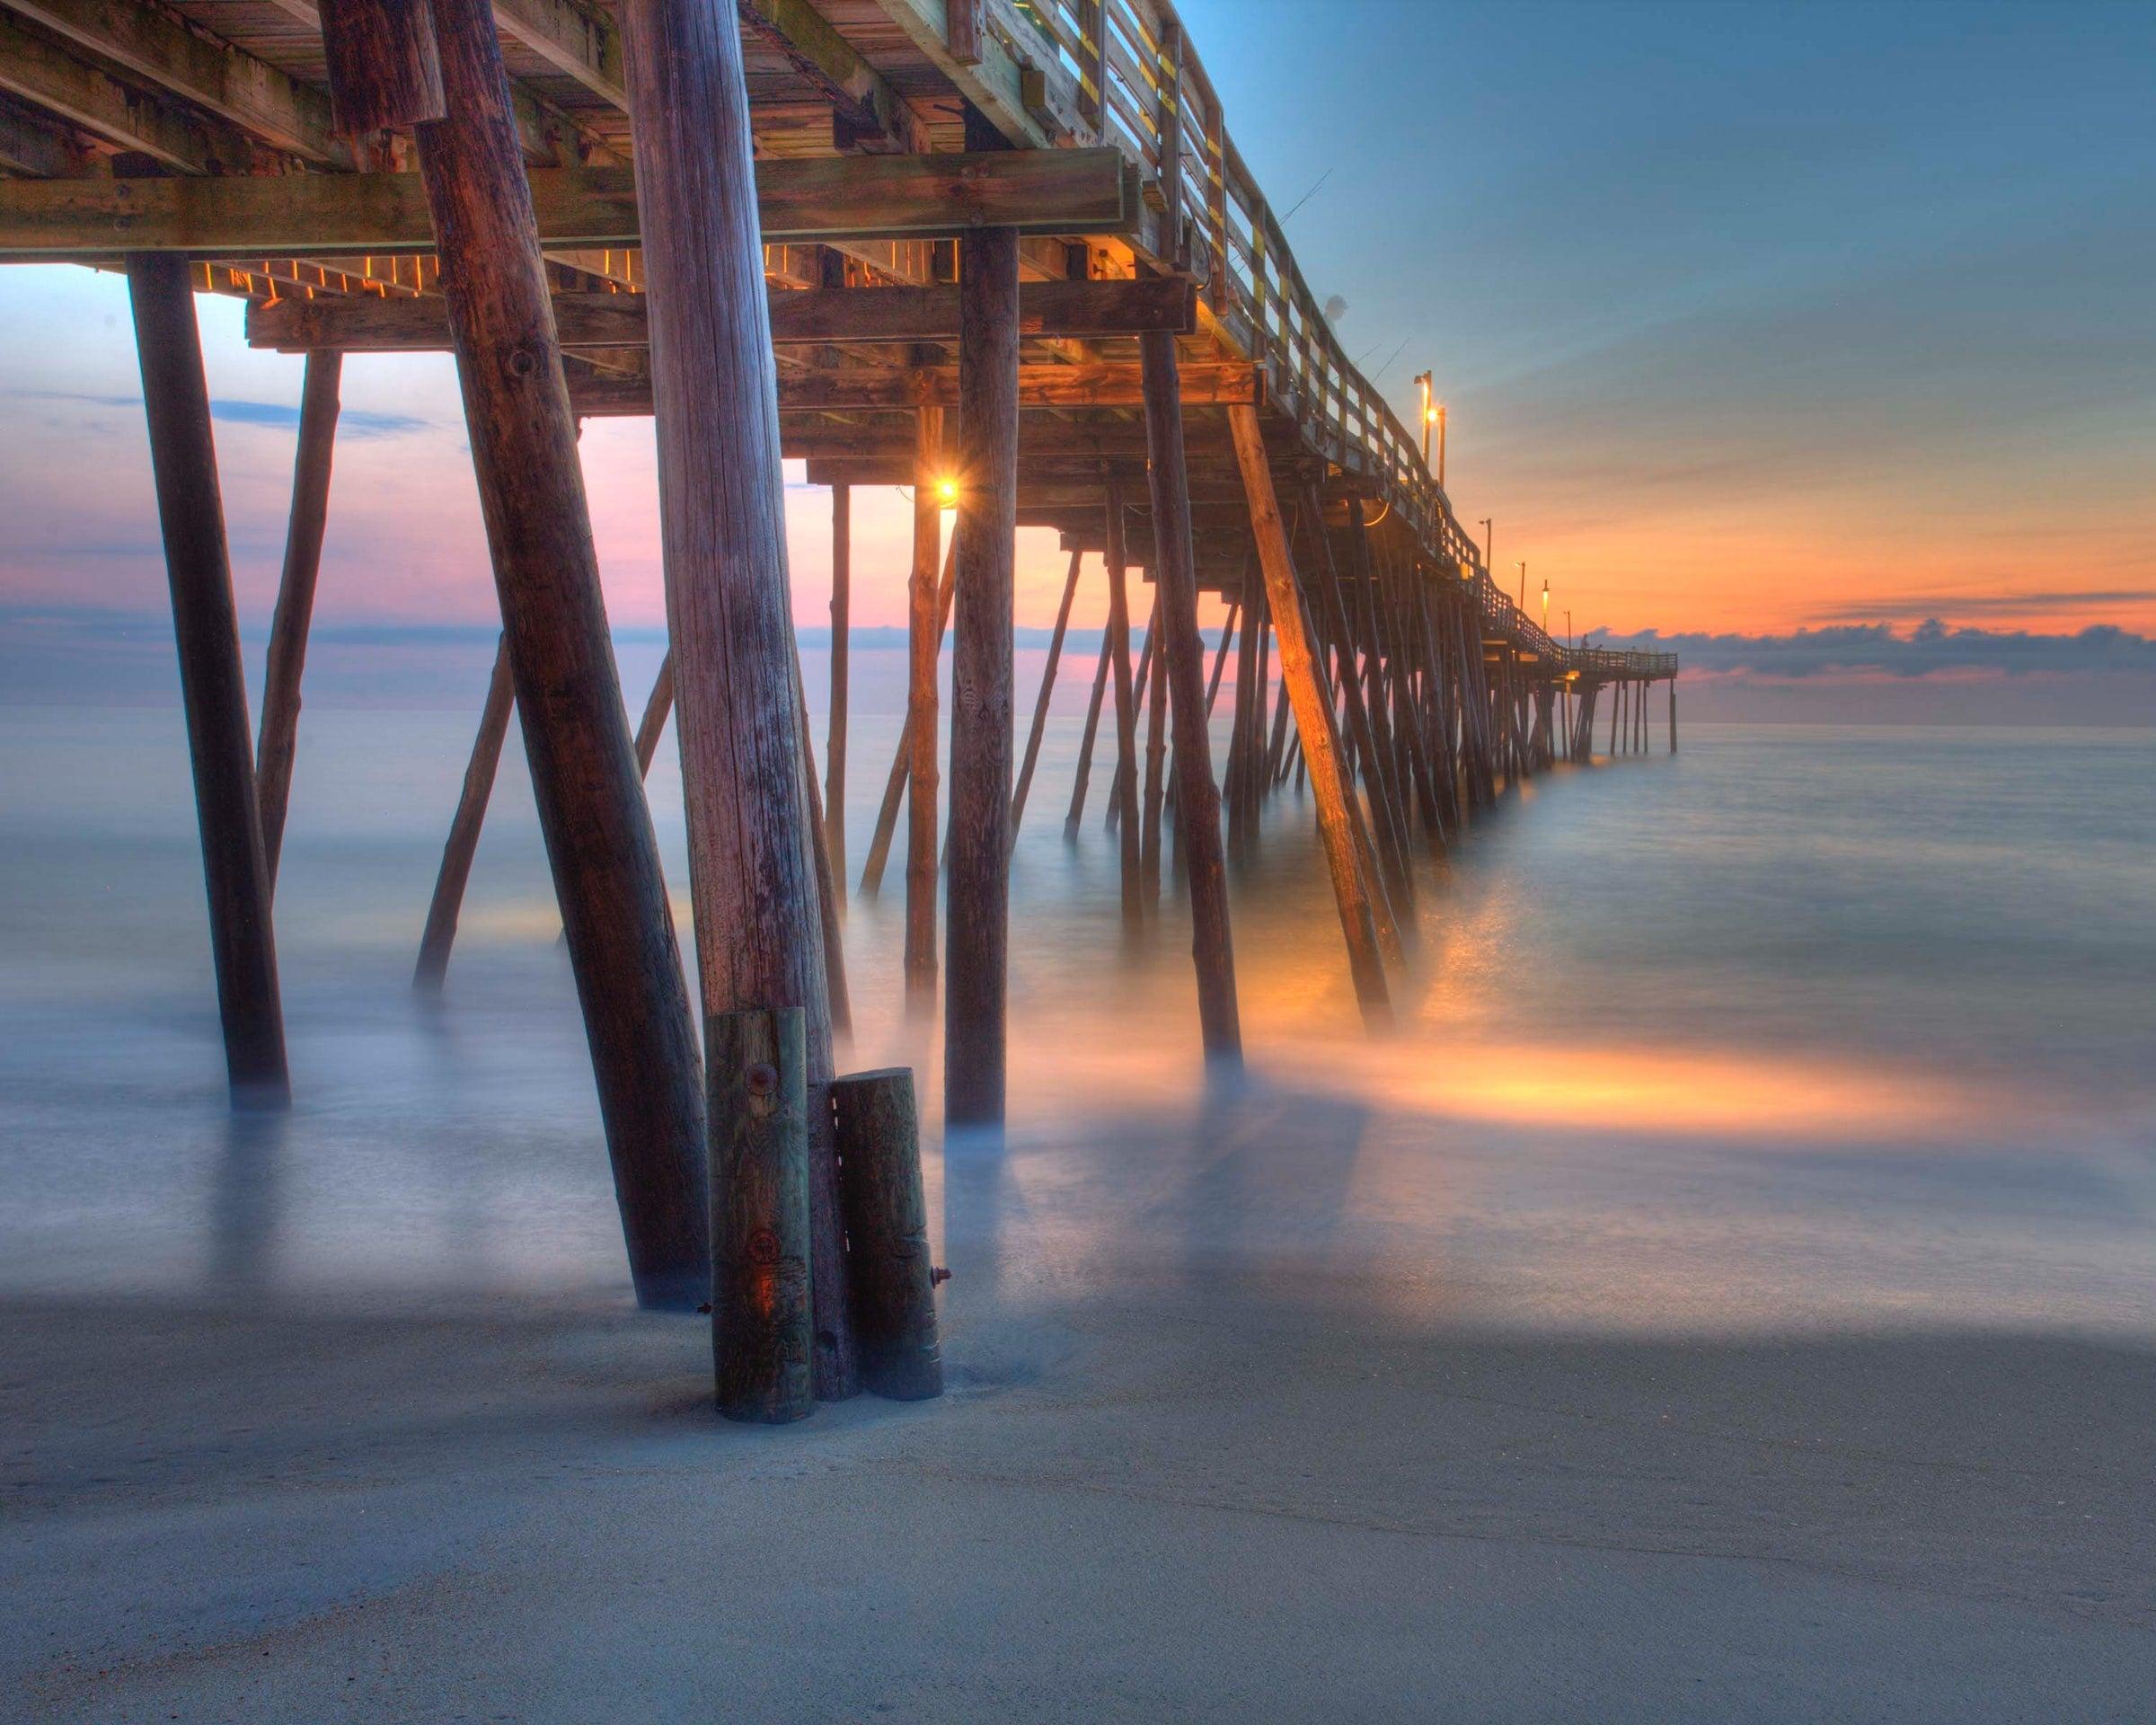 Weiches Wasser: Lange Belichtungszeiten erlauben dir, das Wasser ohne Wellen und mysteriös wirken zu lassen